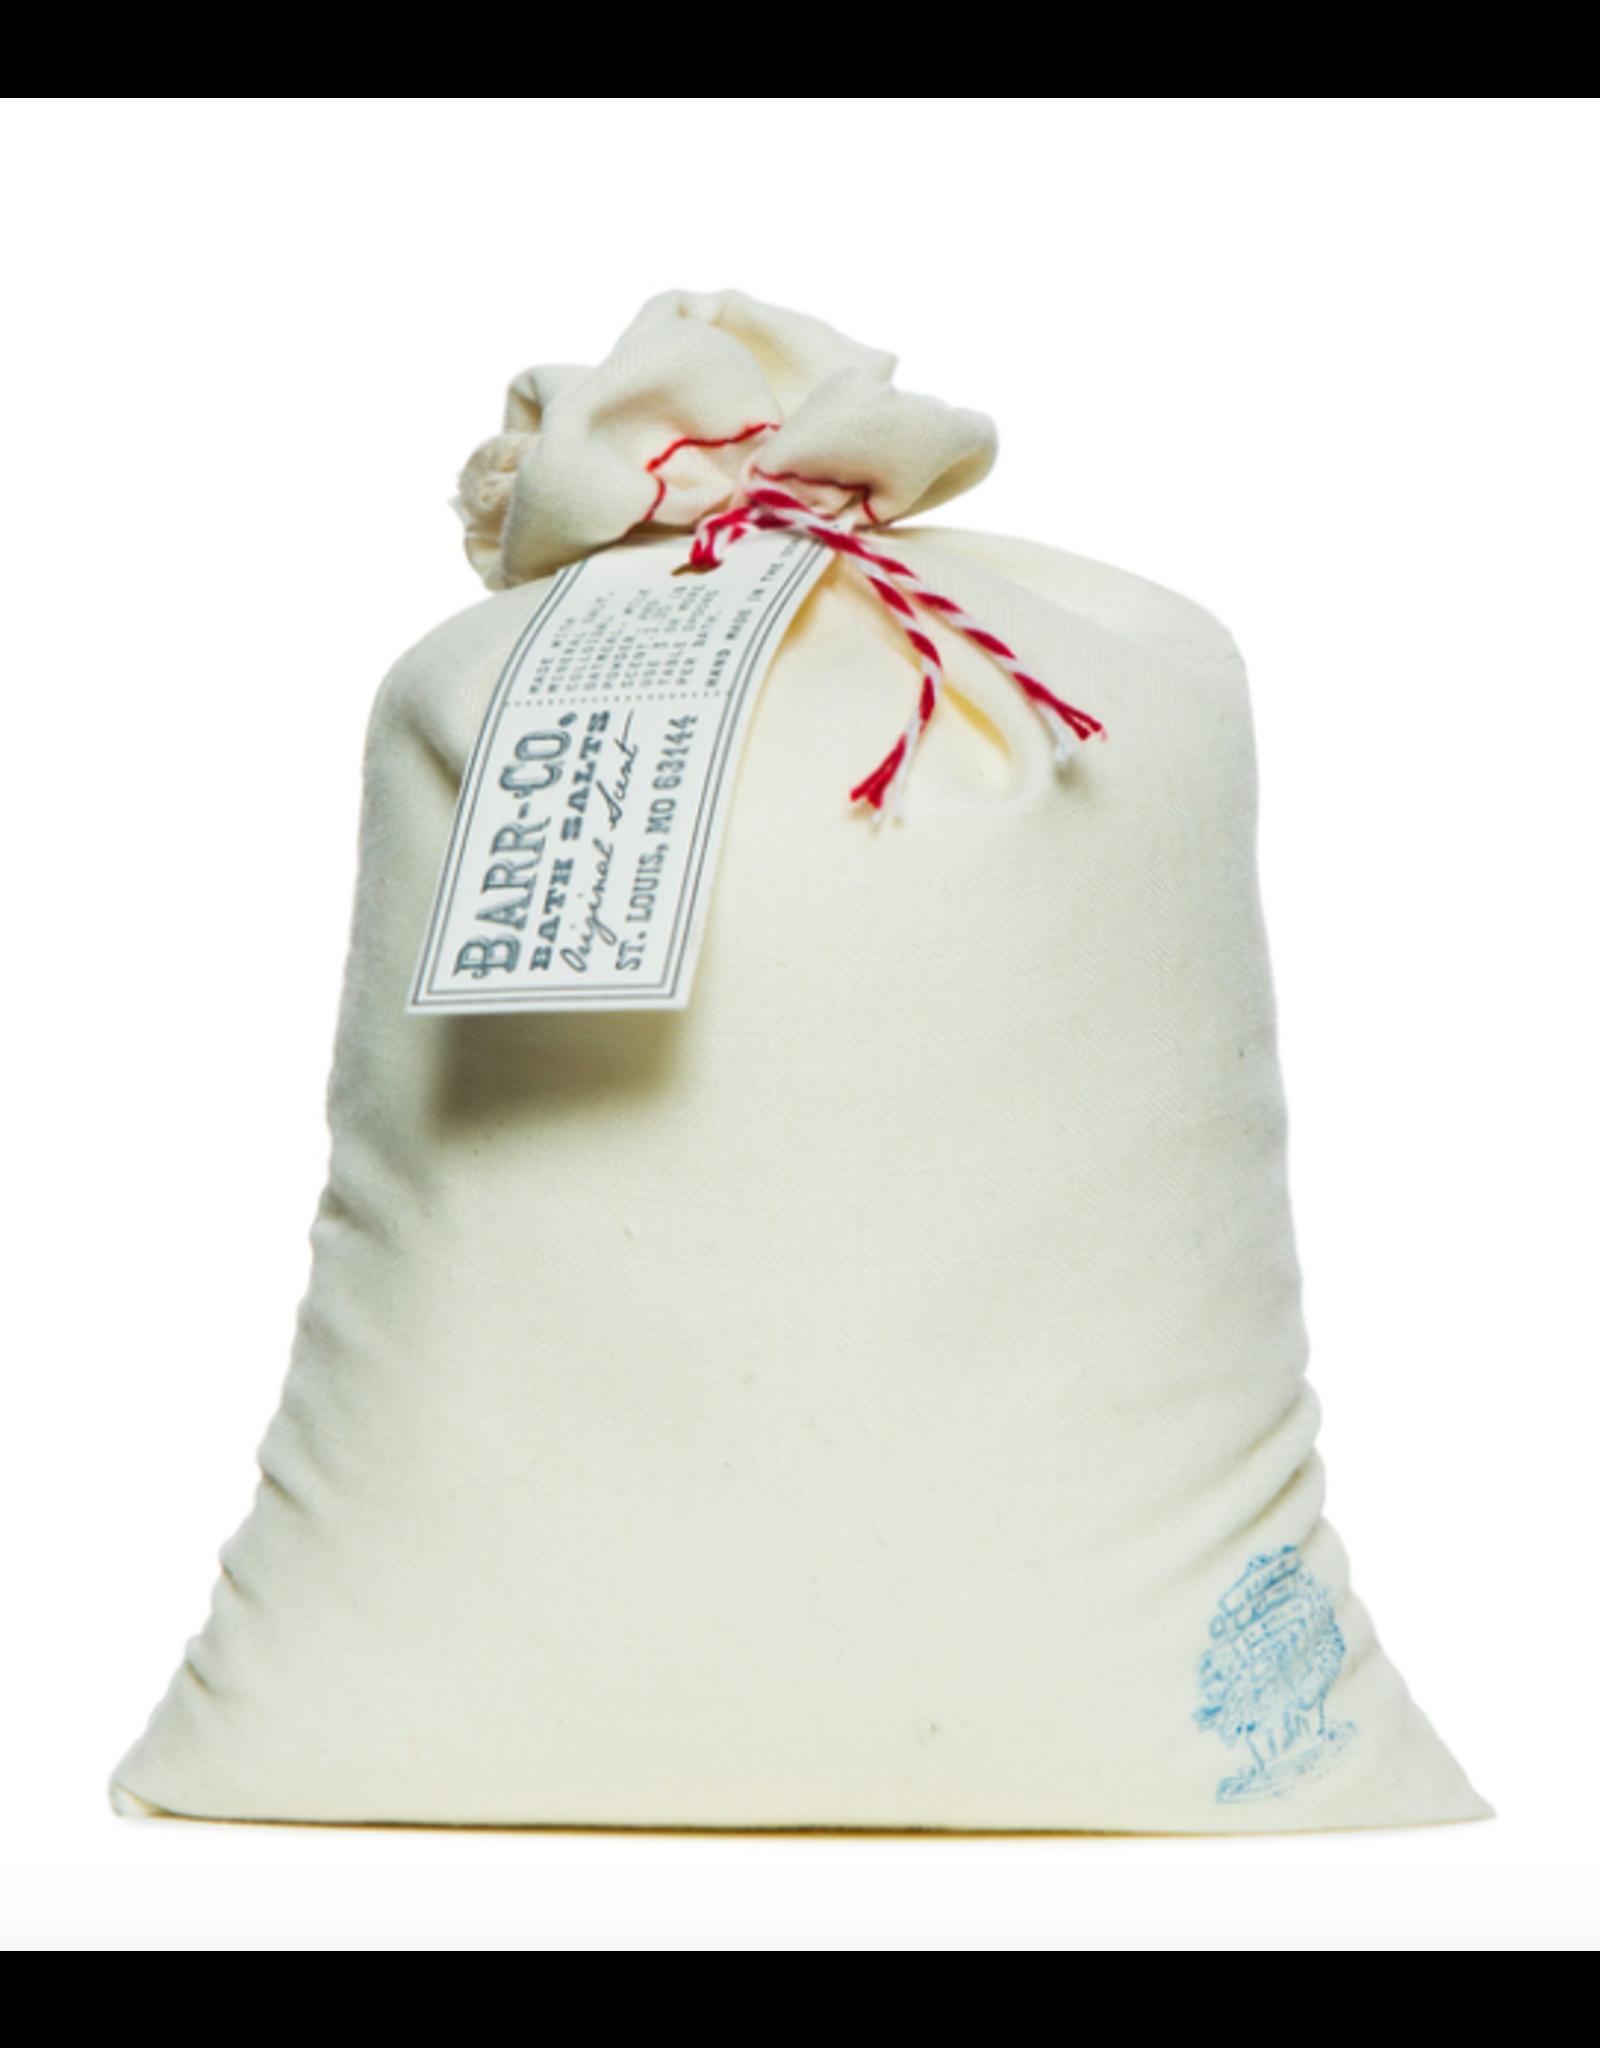 Barr-Co Original Scent Bath Soak Bag